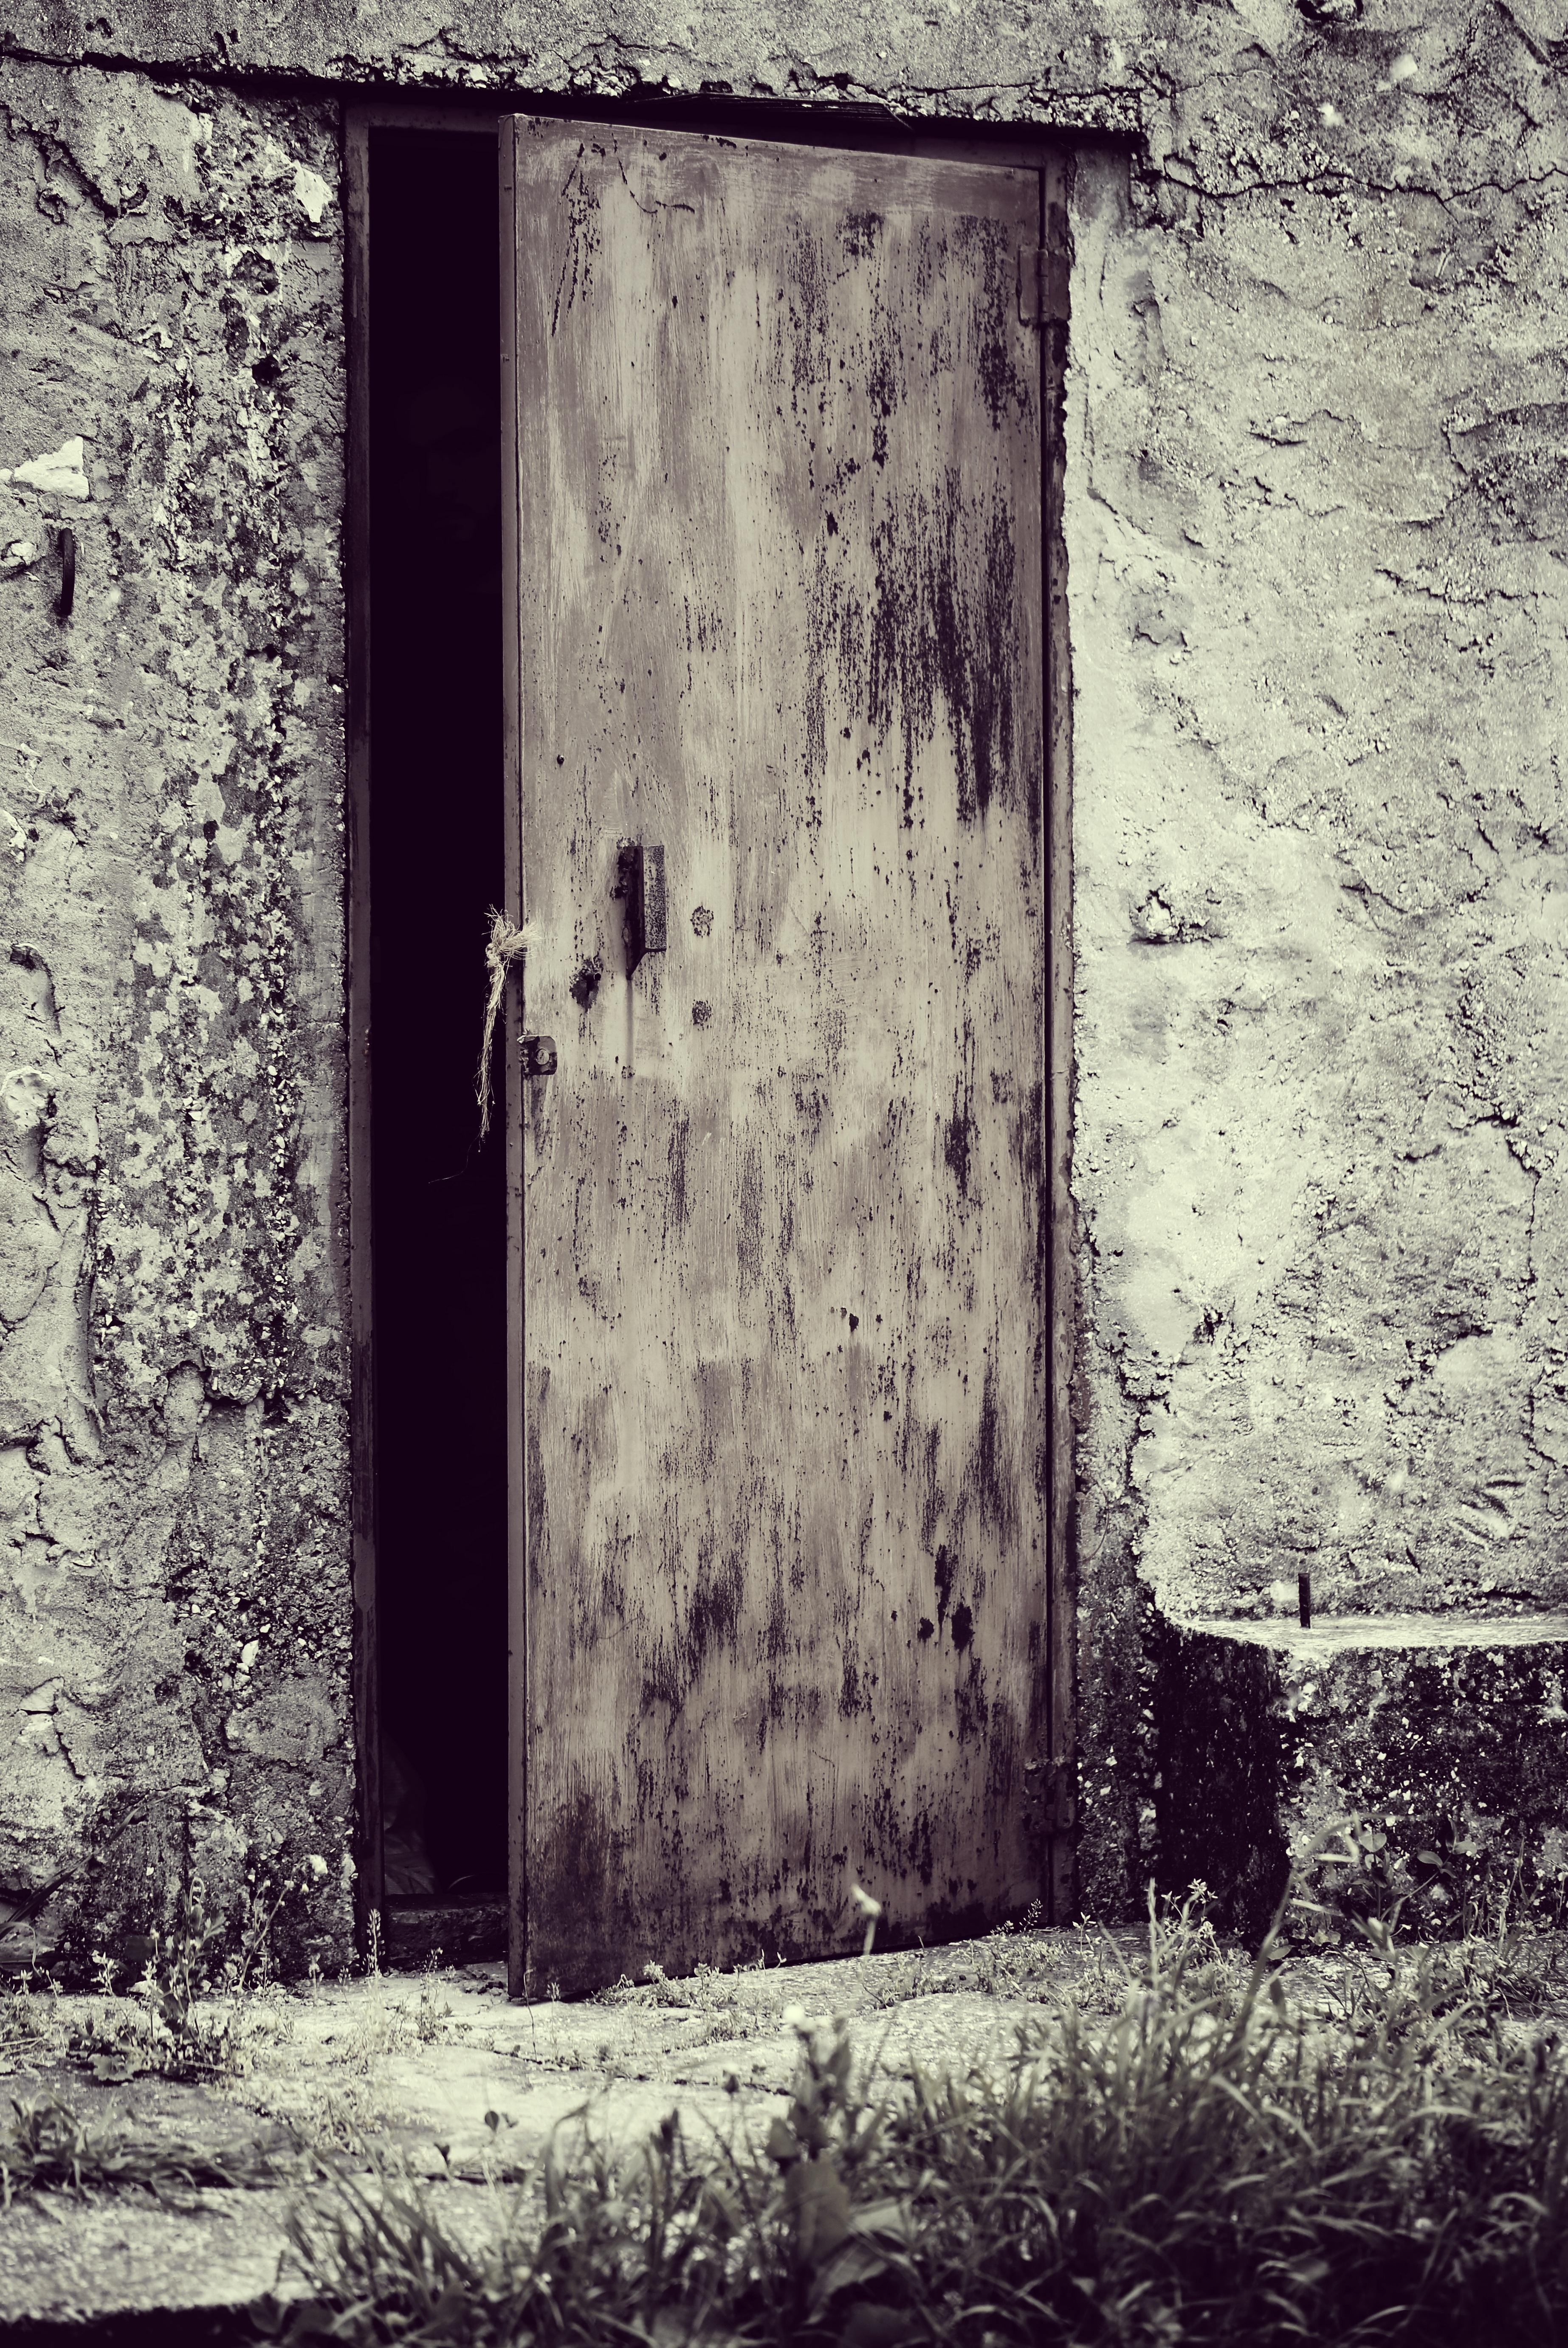 заброшенный дом и открытая дверь фото лучше возможности приезжать